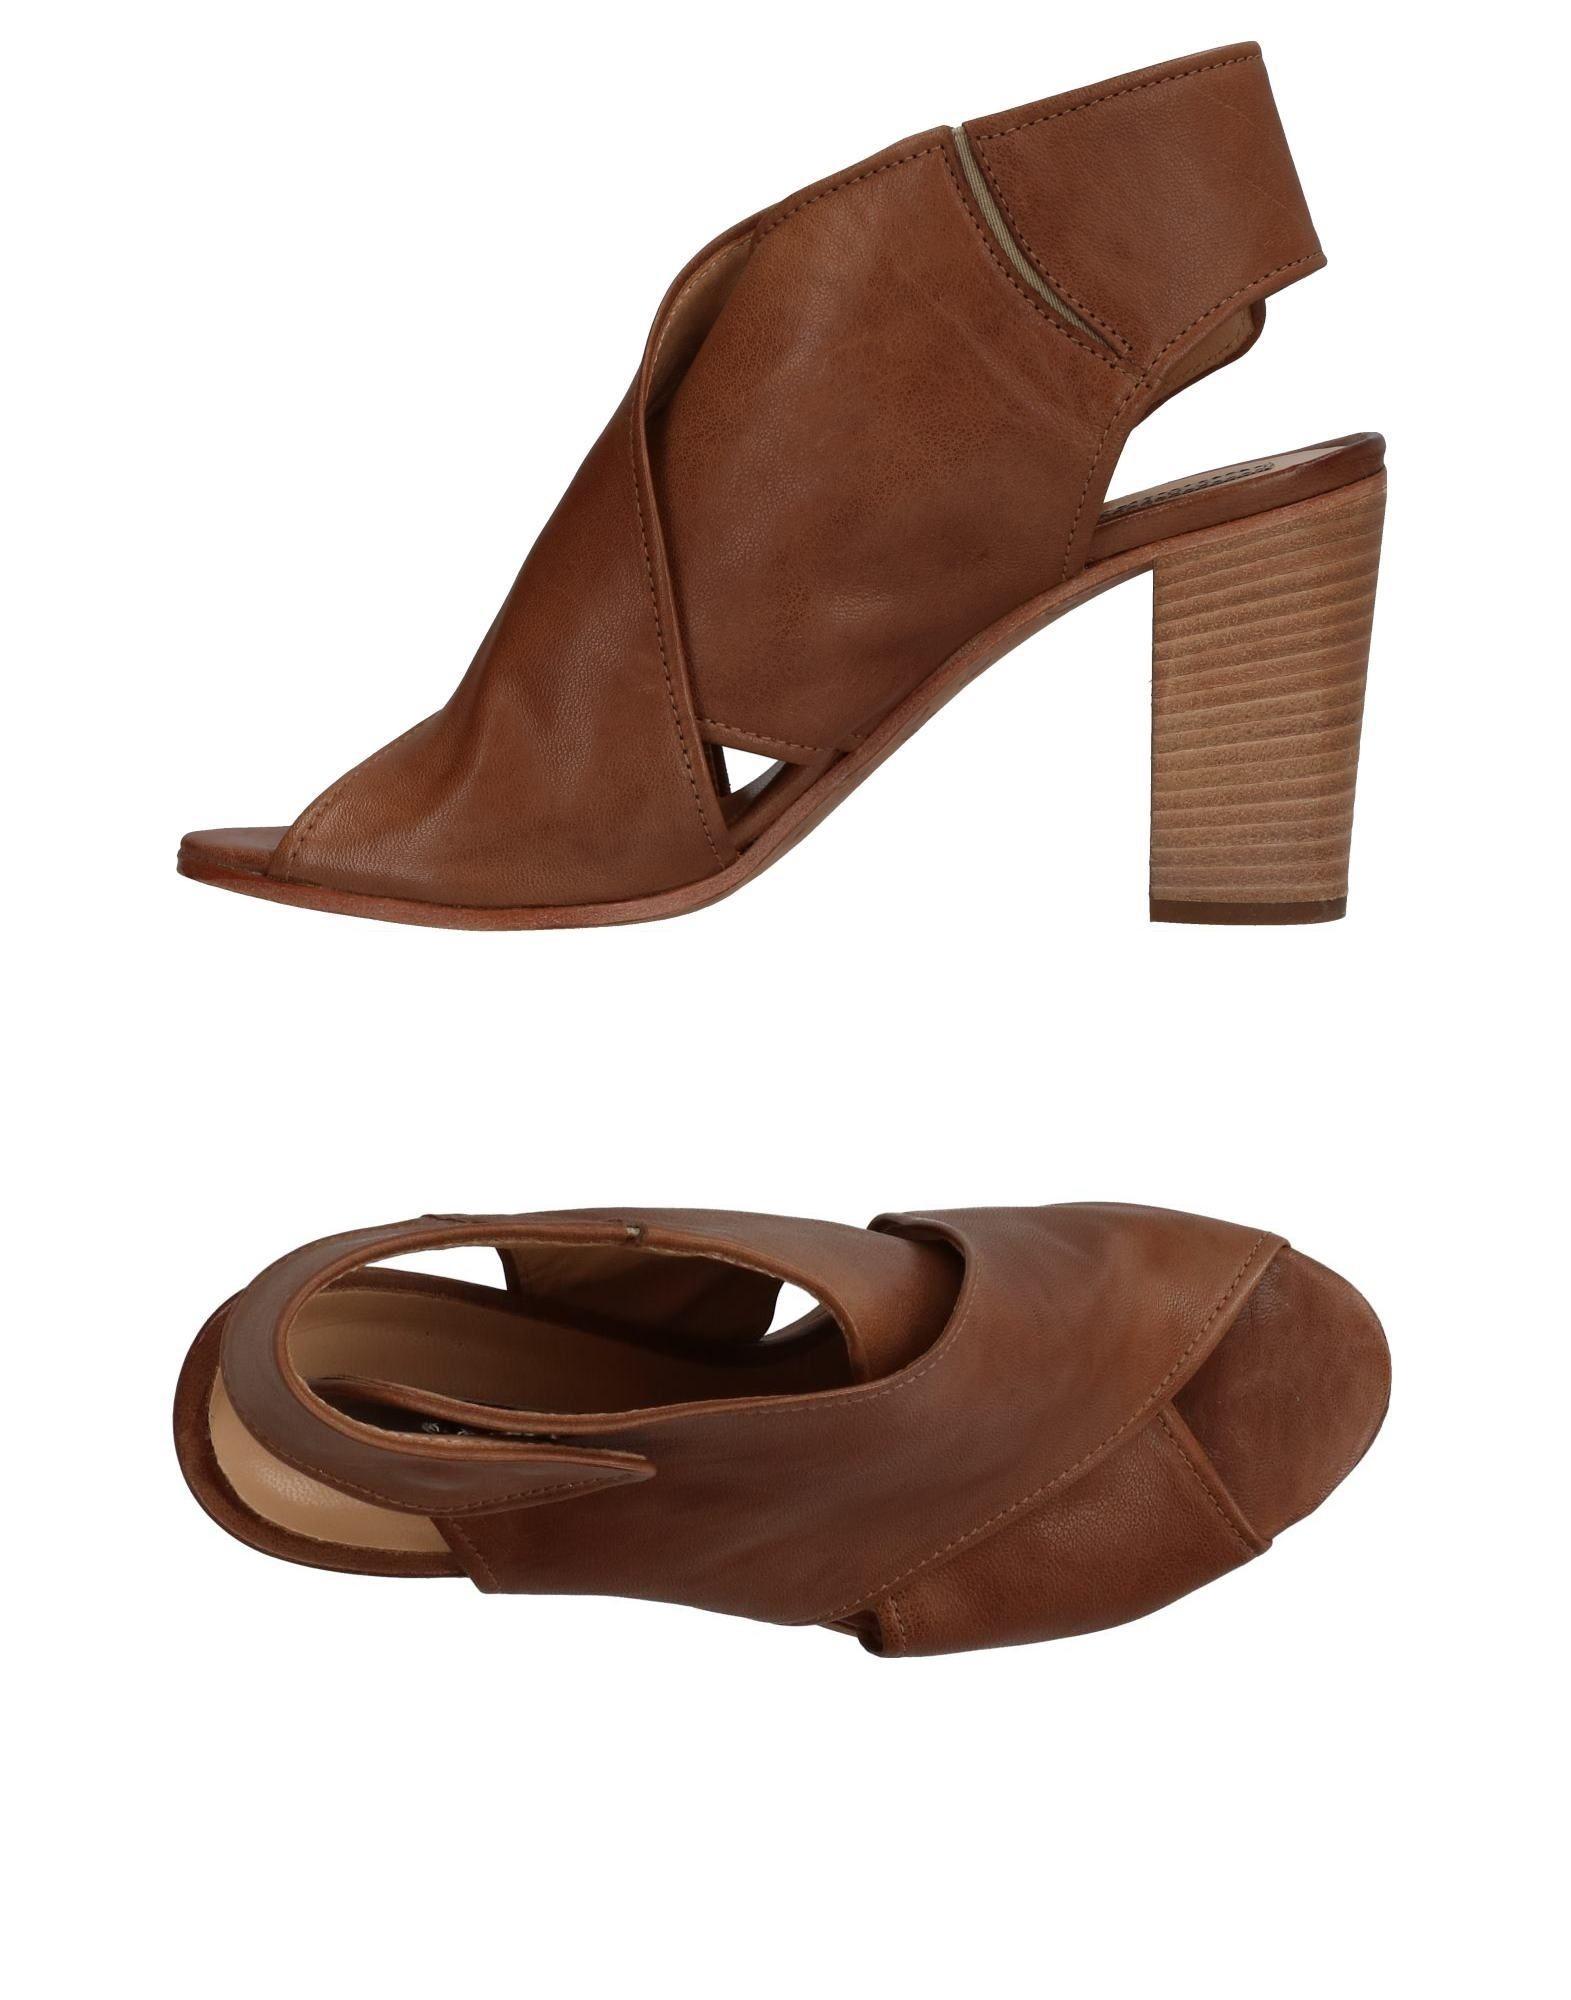 Chiarini Bologna Sandalen Damen  11337859VX Gute Qualität beliebte Schuhe